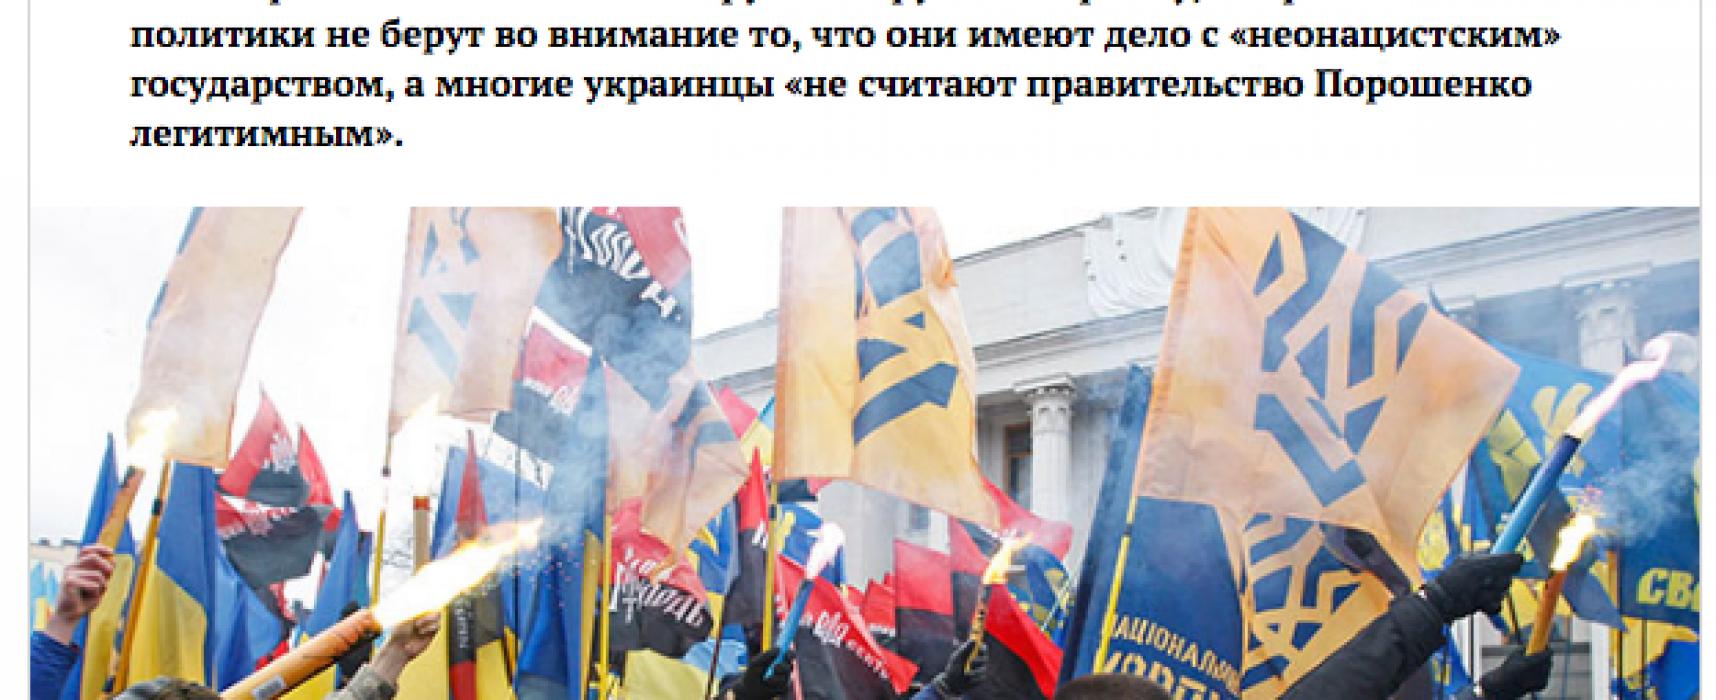 """Fake: Amerikanische Medien stellen Legitimität des ukrainischen """"Neonazi-Regime"""" in Frage"""